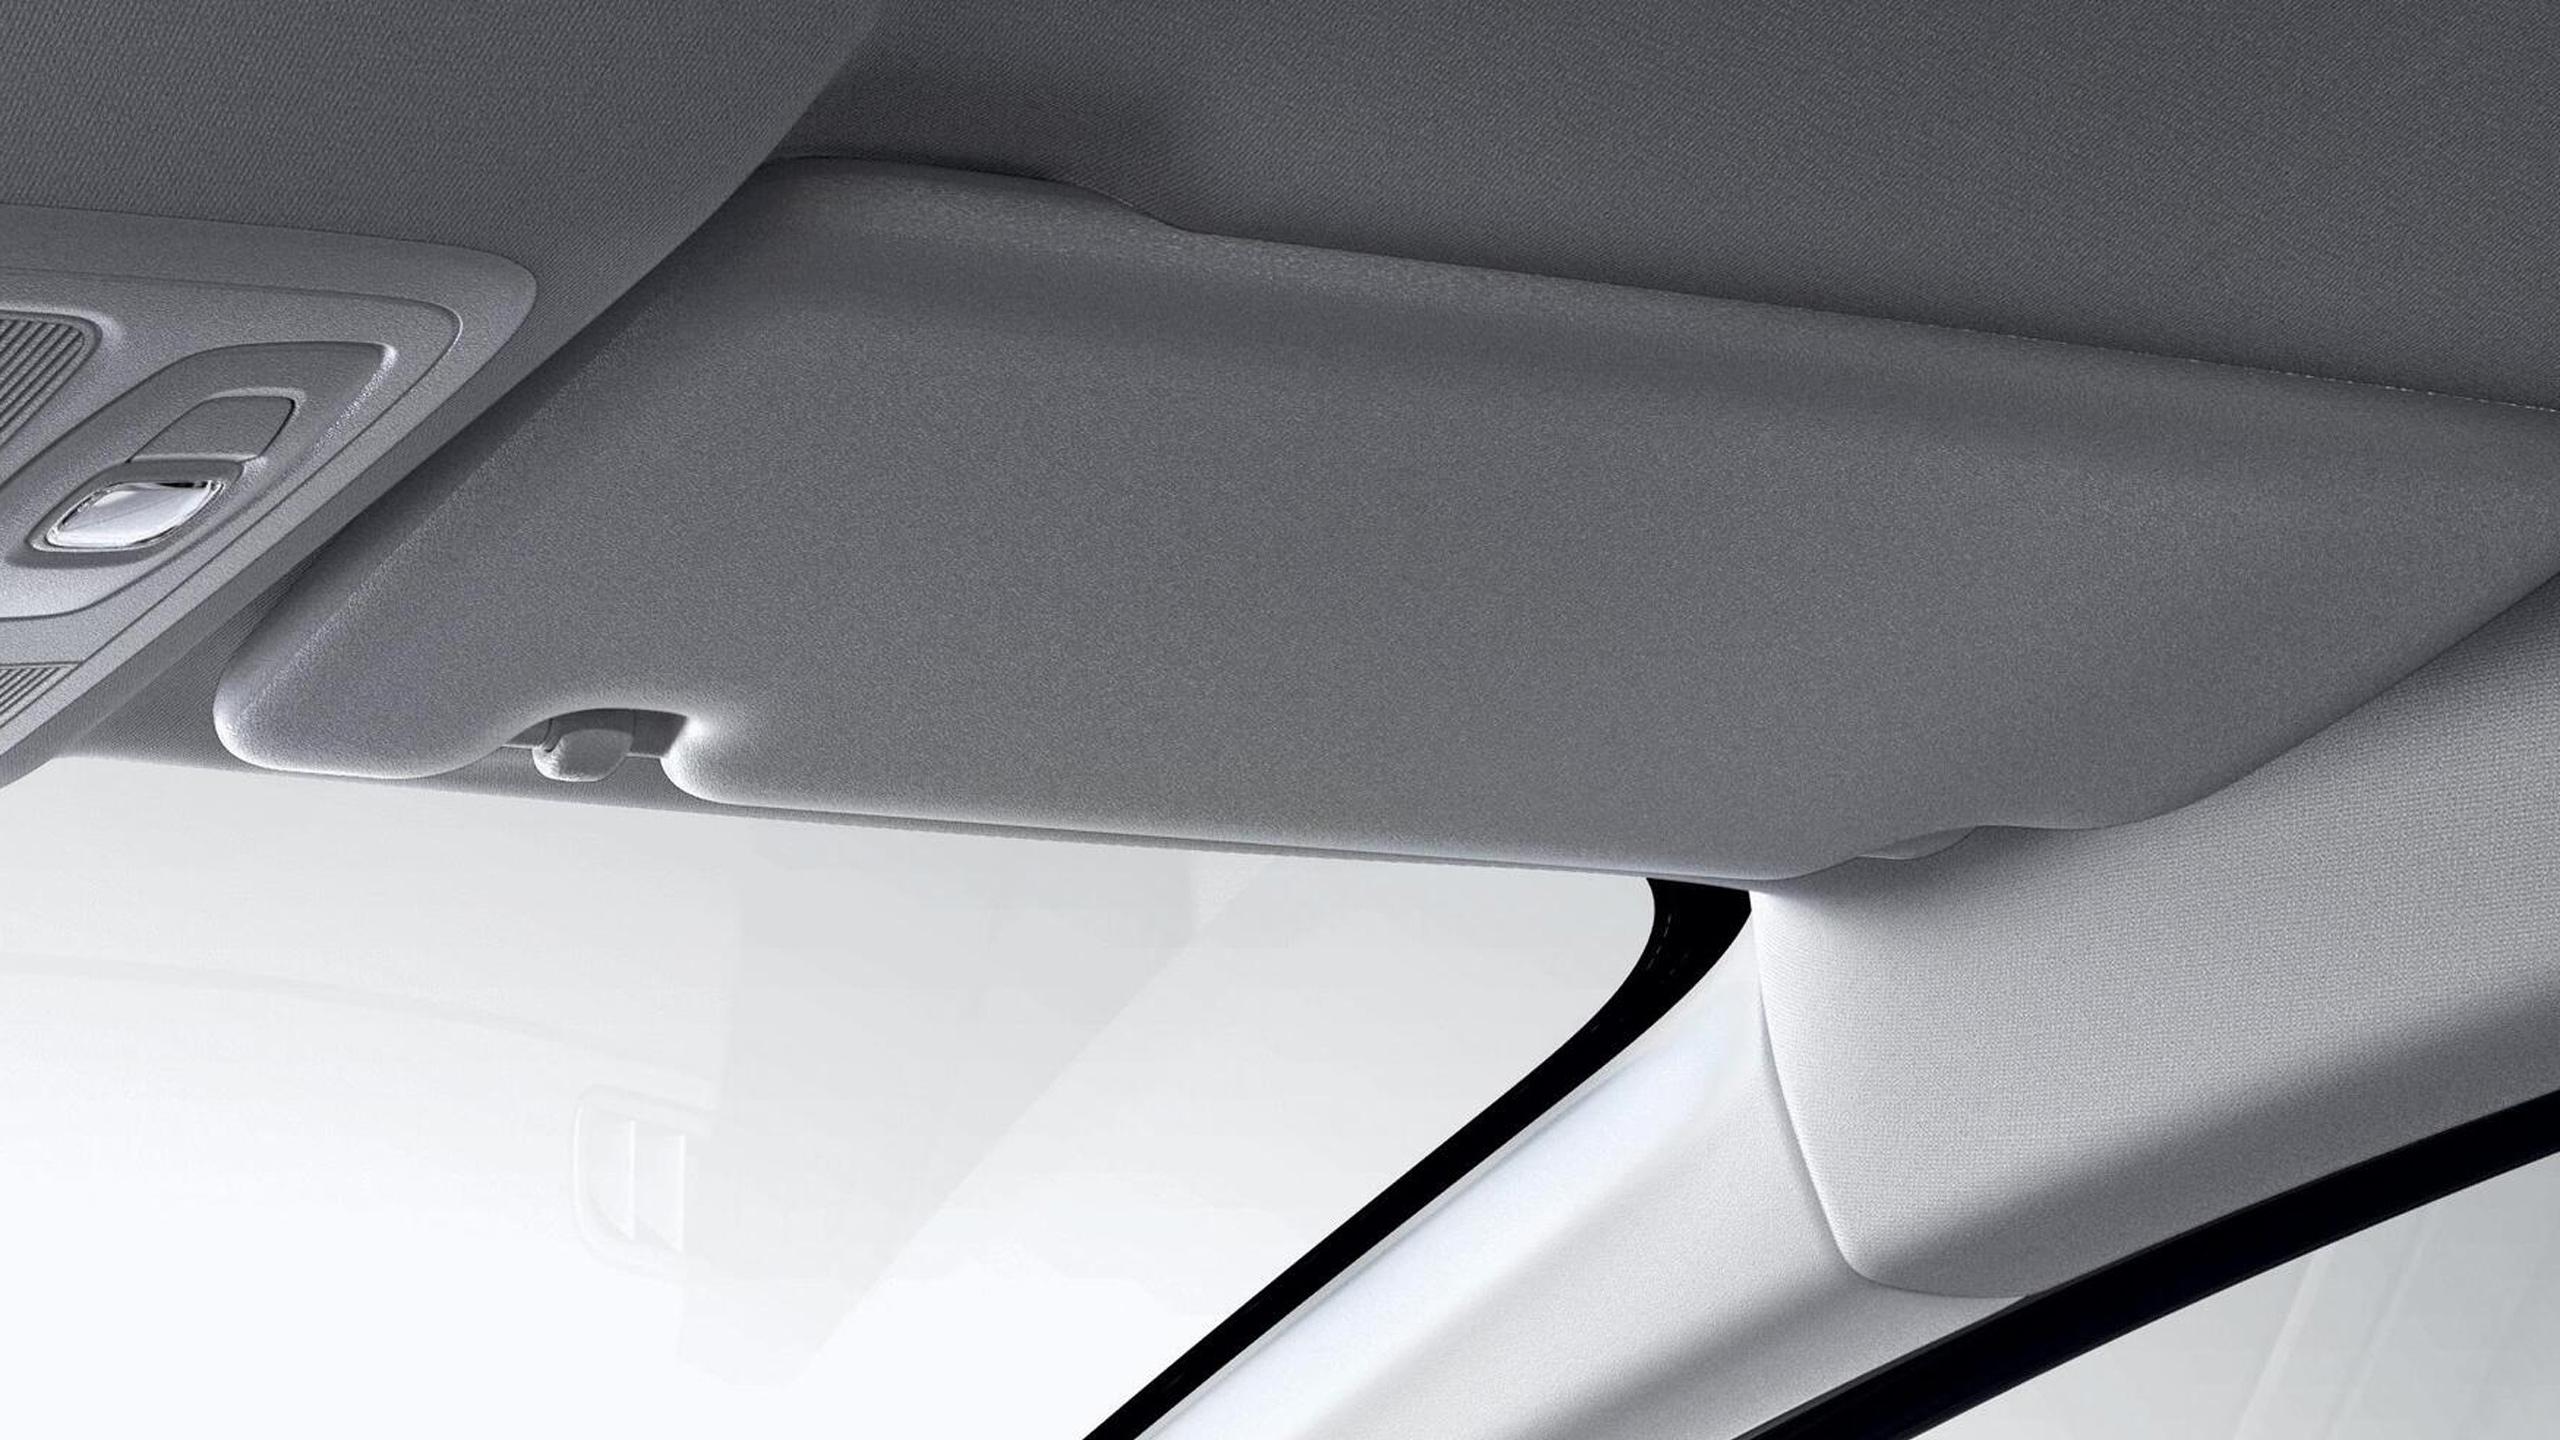 Iluminação dos espelhos de cortesia condutor e passageiro